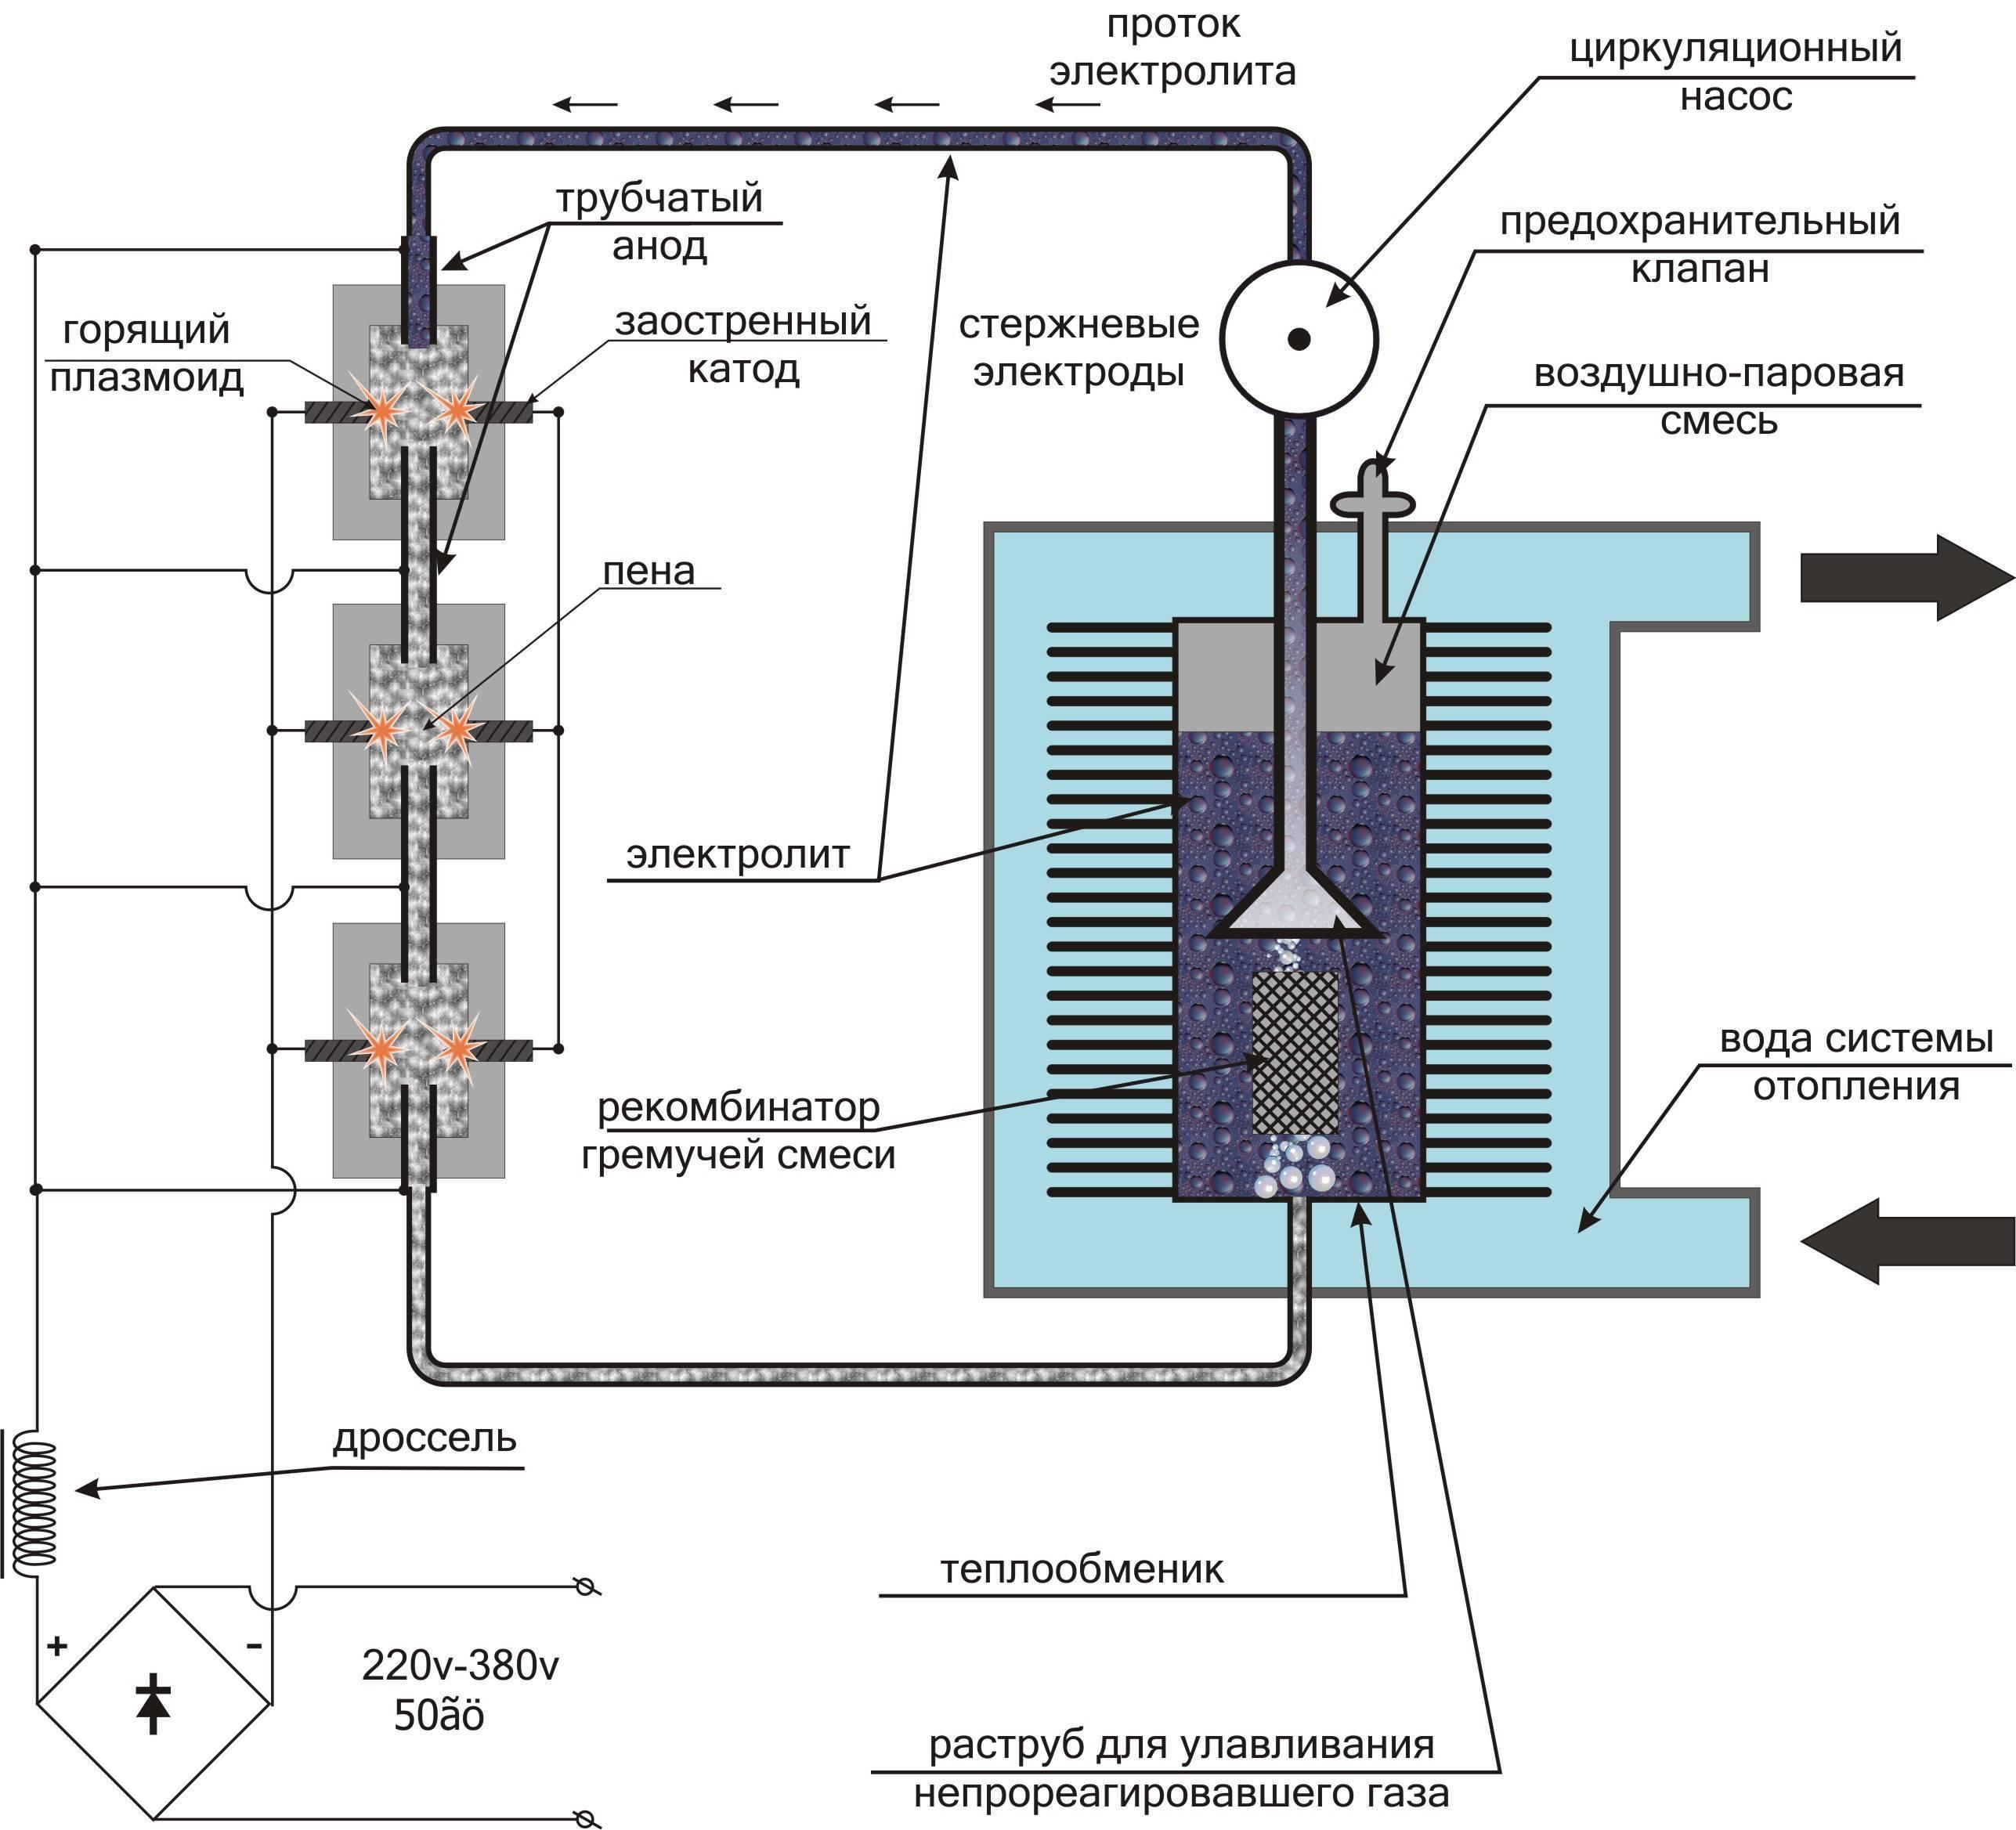 Водородный котел отопления: преимущества и недостатки, правила эксплуатации, изготовление своими руками